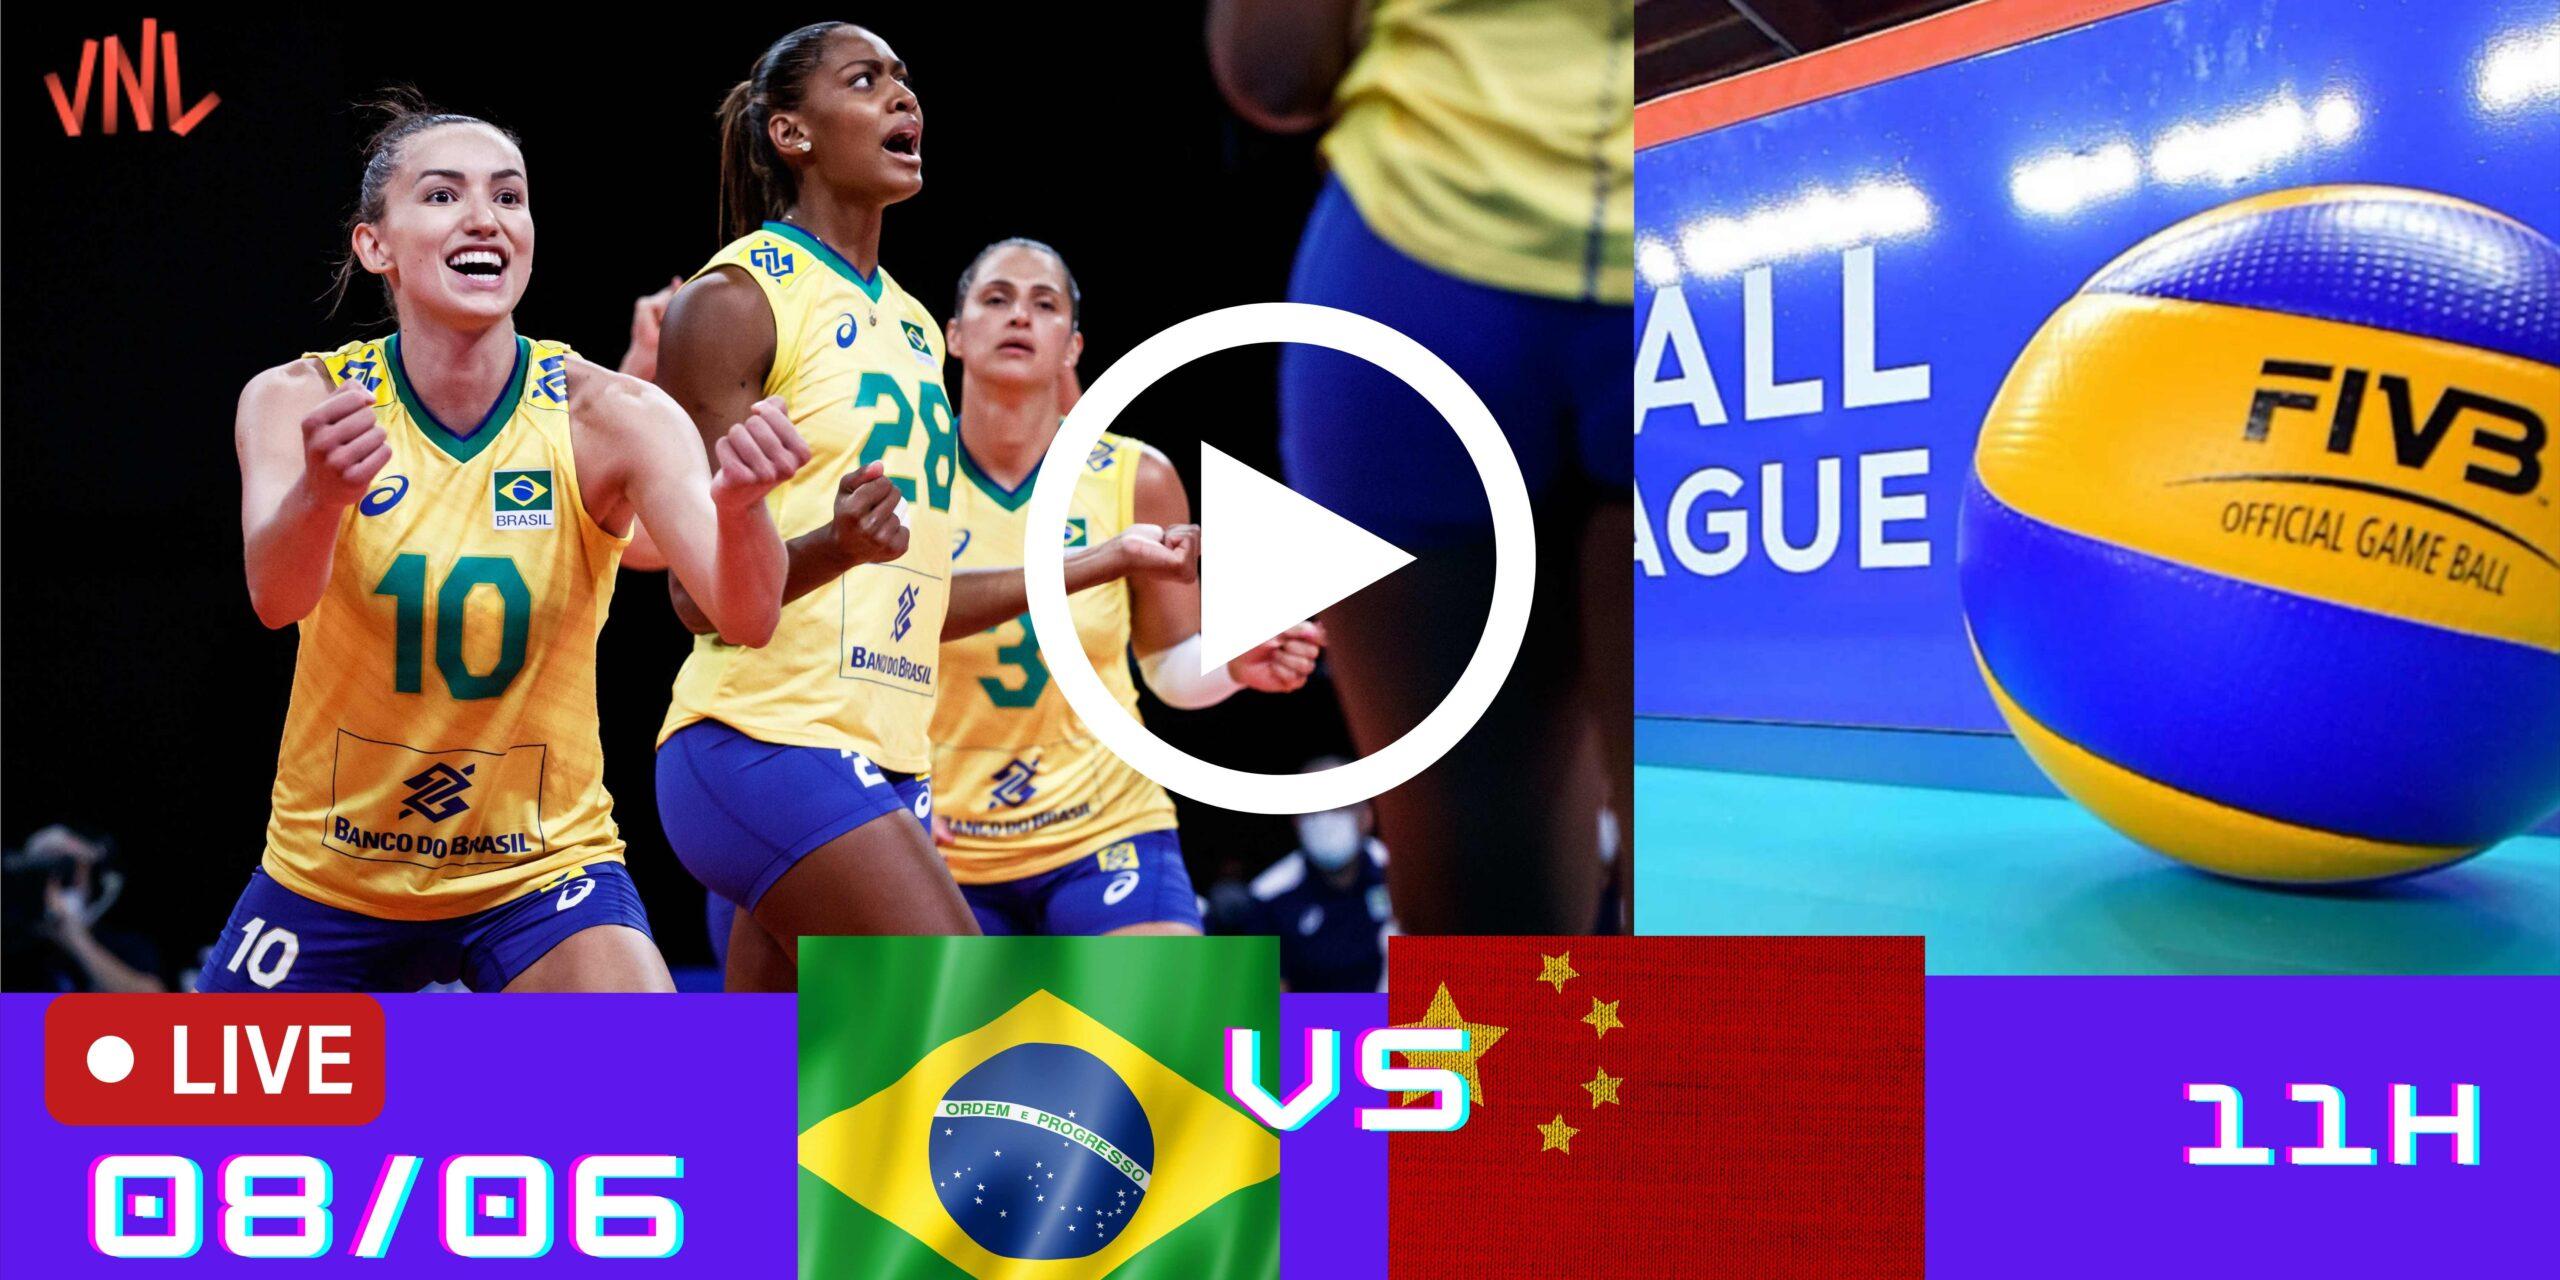 Jogo Gravado: China vs Brasil – Liga das Nações – 08/06/2021